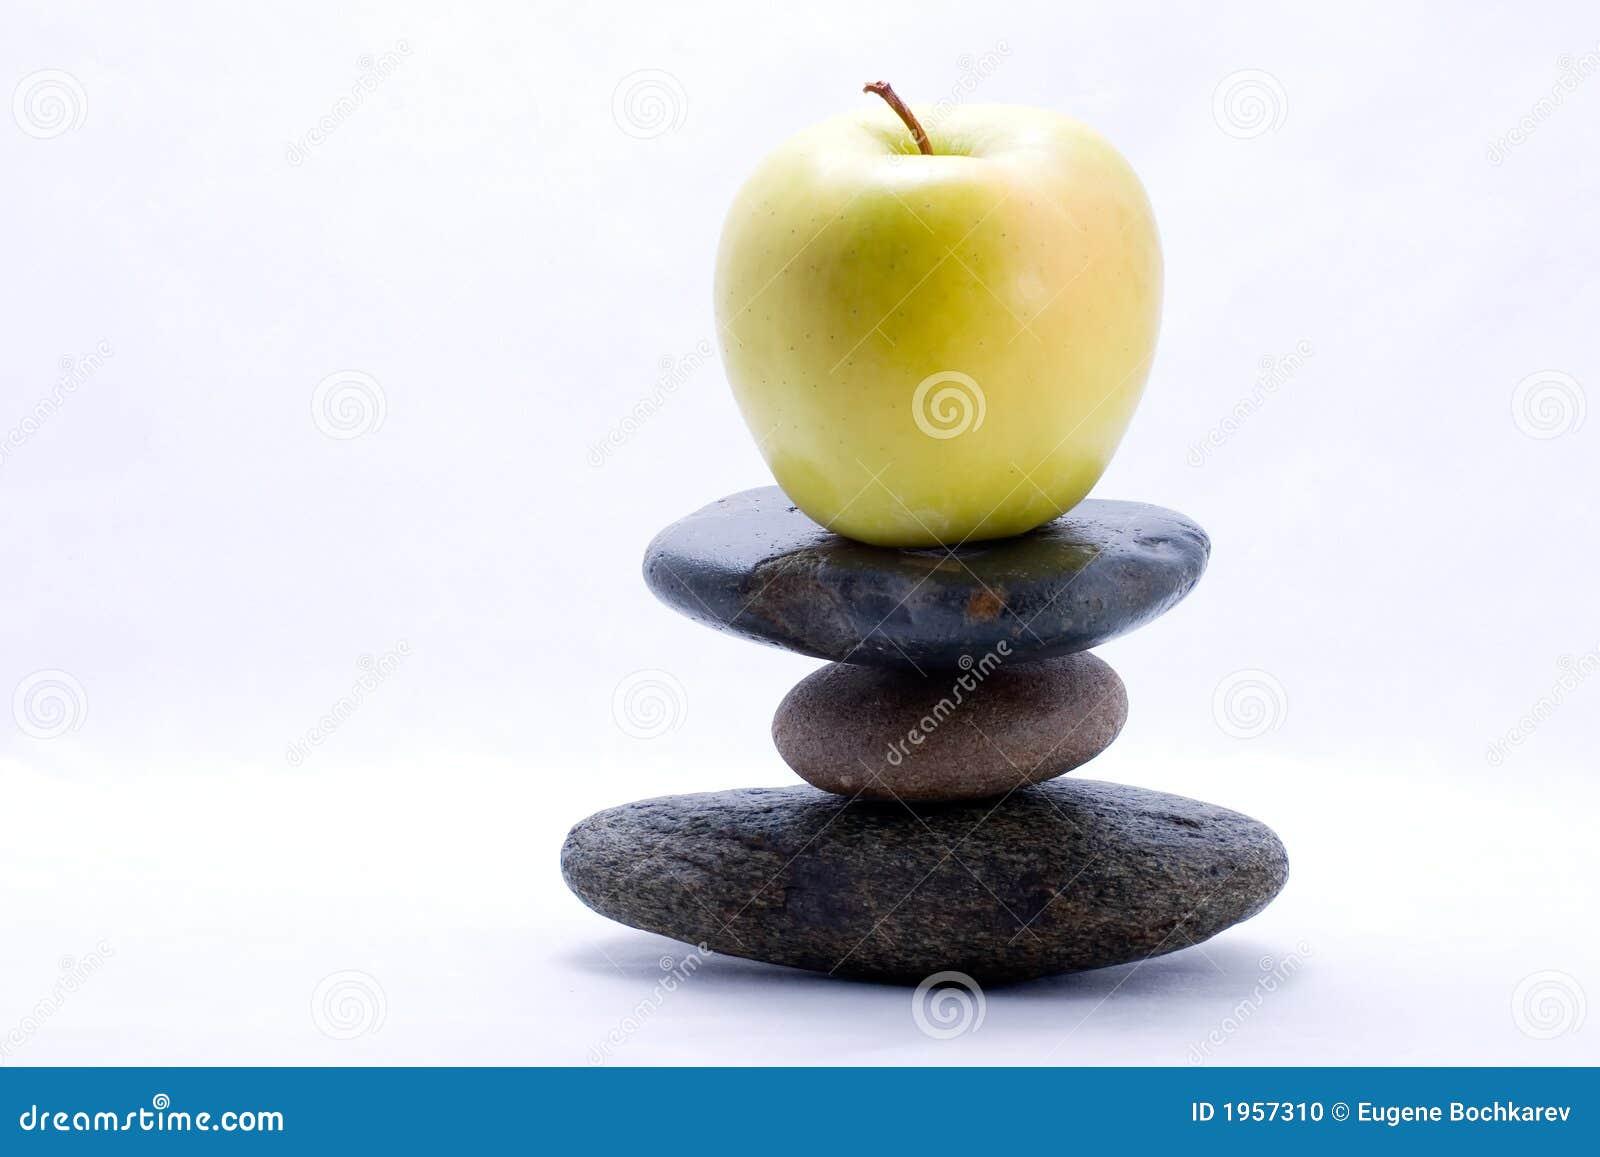 Food pyramid - apple